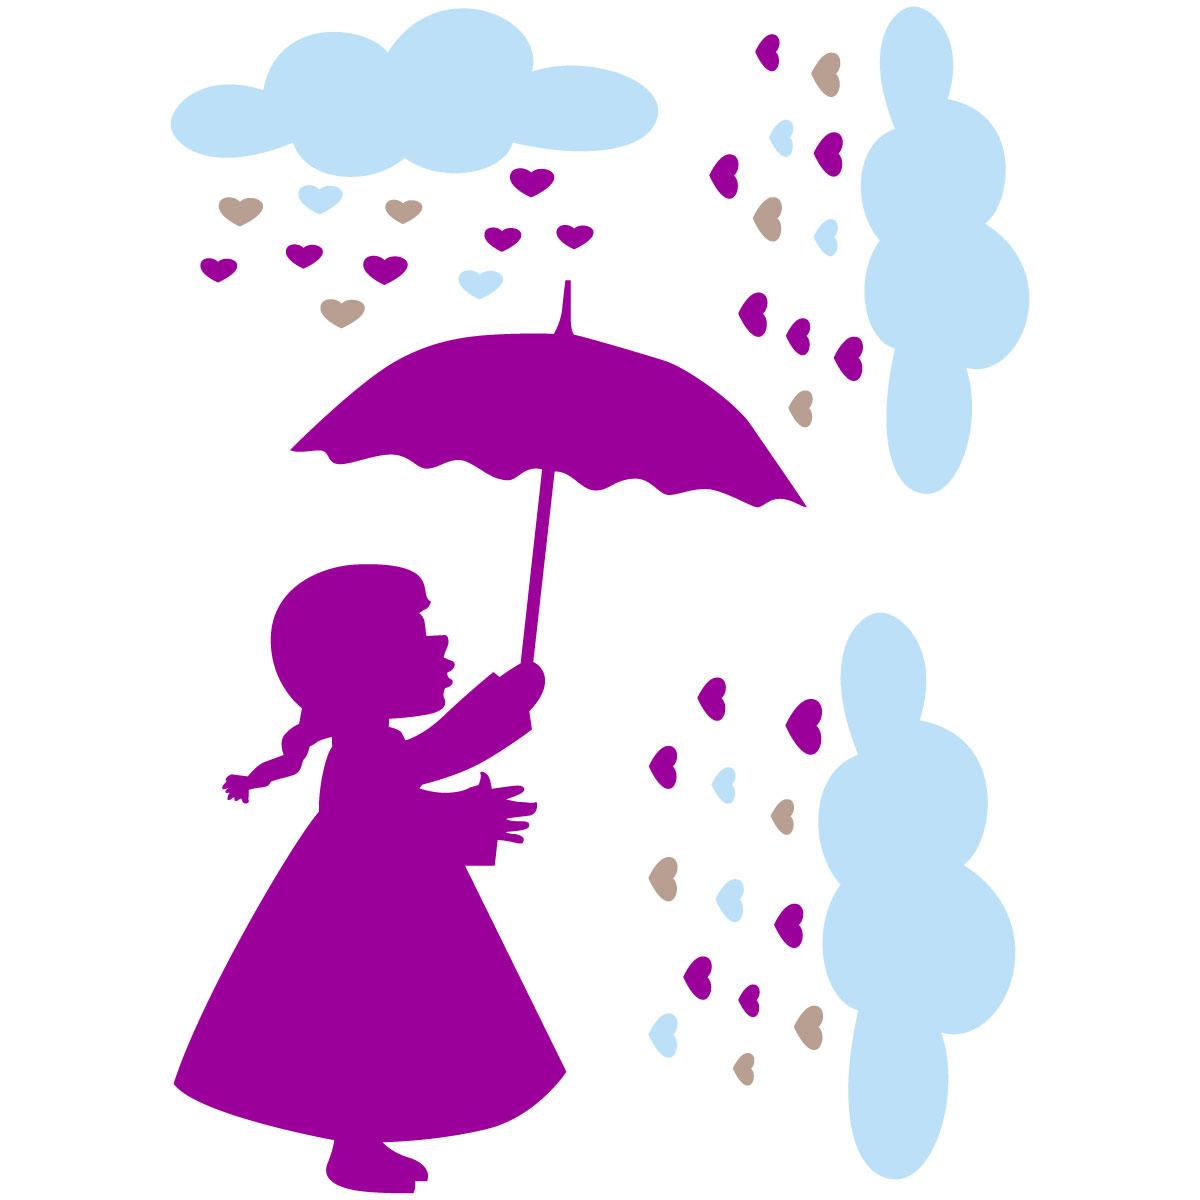 Sticker petite fille sous la pluie des c urs stickers filles ambiance sticker - Stickers petite fille ...